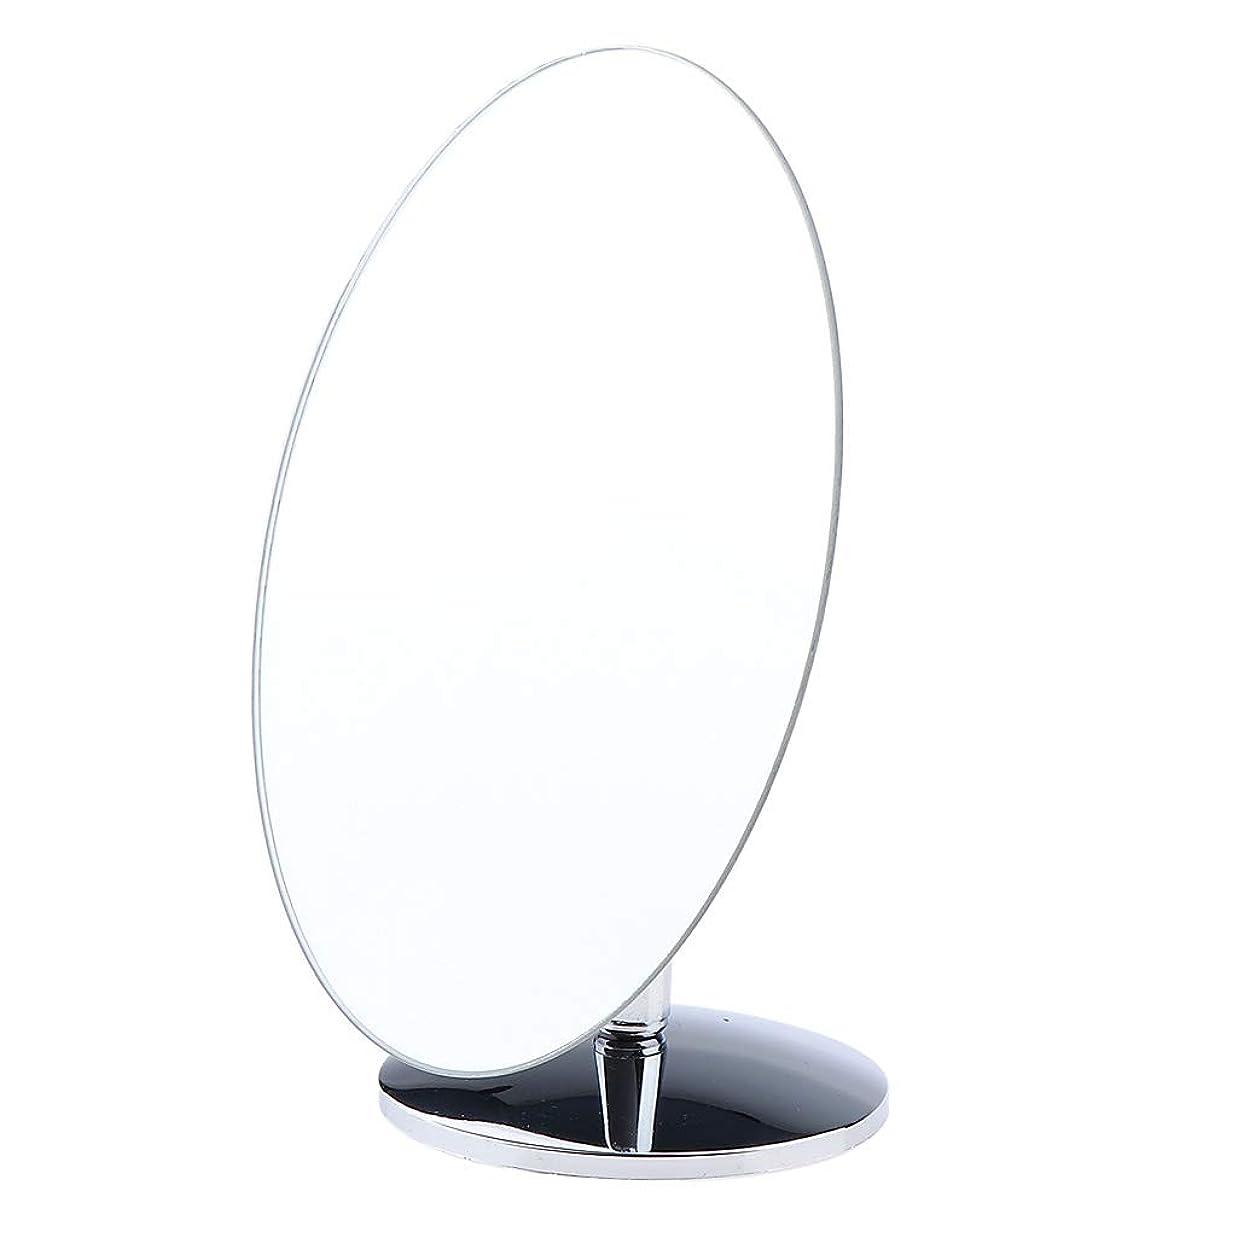 ハチ動貫通するSM SunniMix 化粧鏡 スタンド 卓上 化粧 鏡 360度のスイベル ミラー 卓上ミラー バス 4タイプ選べ - 楕円形小